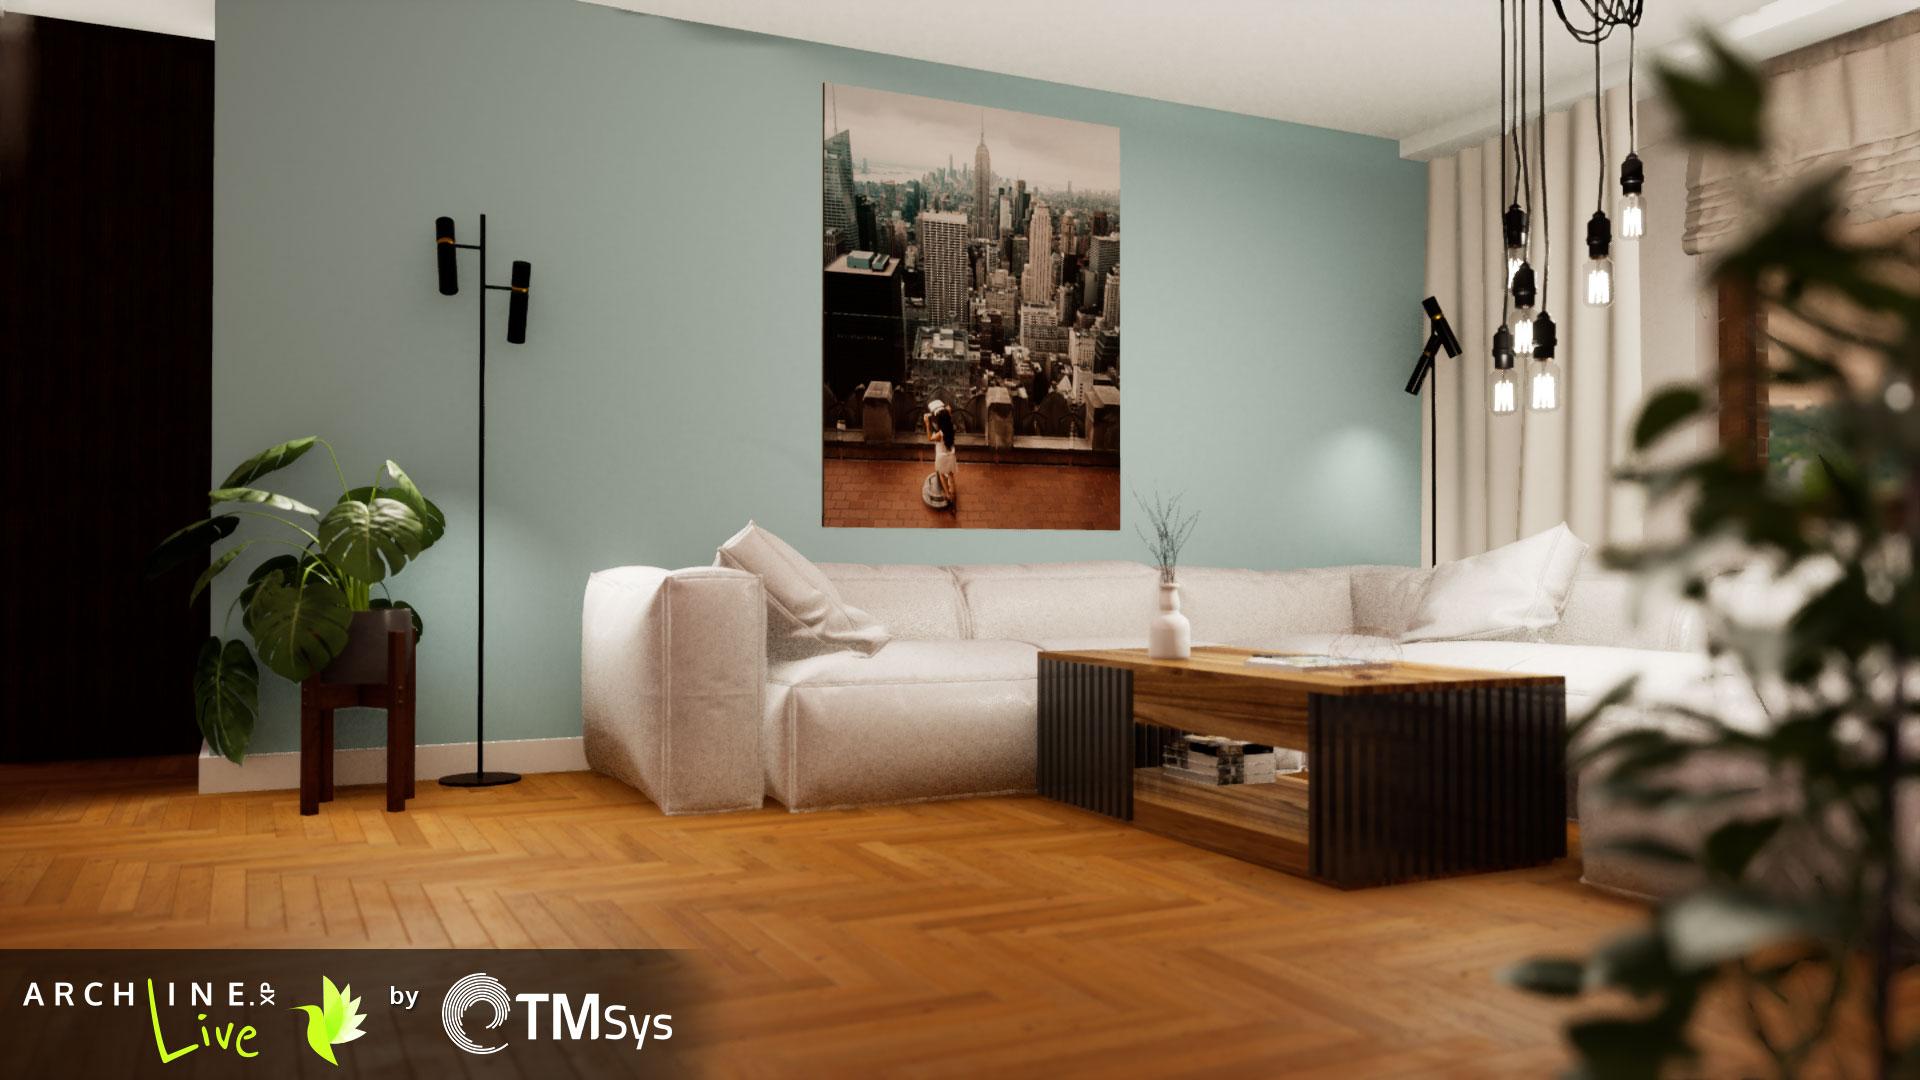 archlinexp_live_by_tmsys_home_livingroom_01.jpg